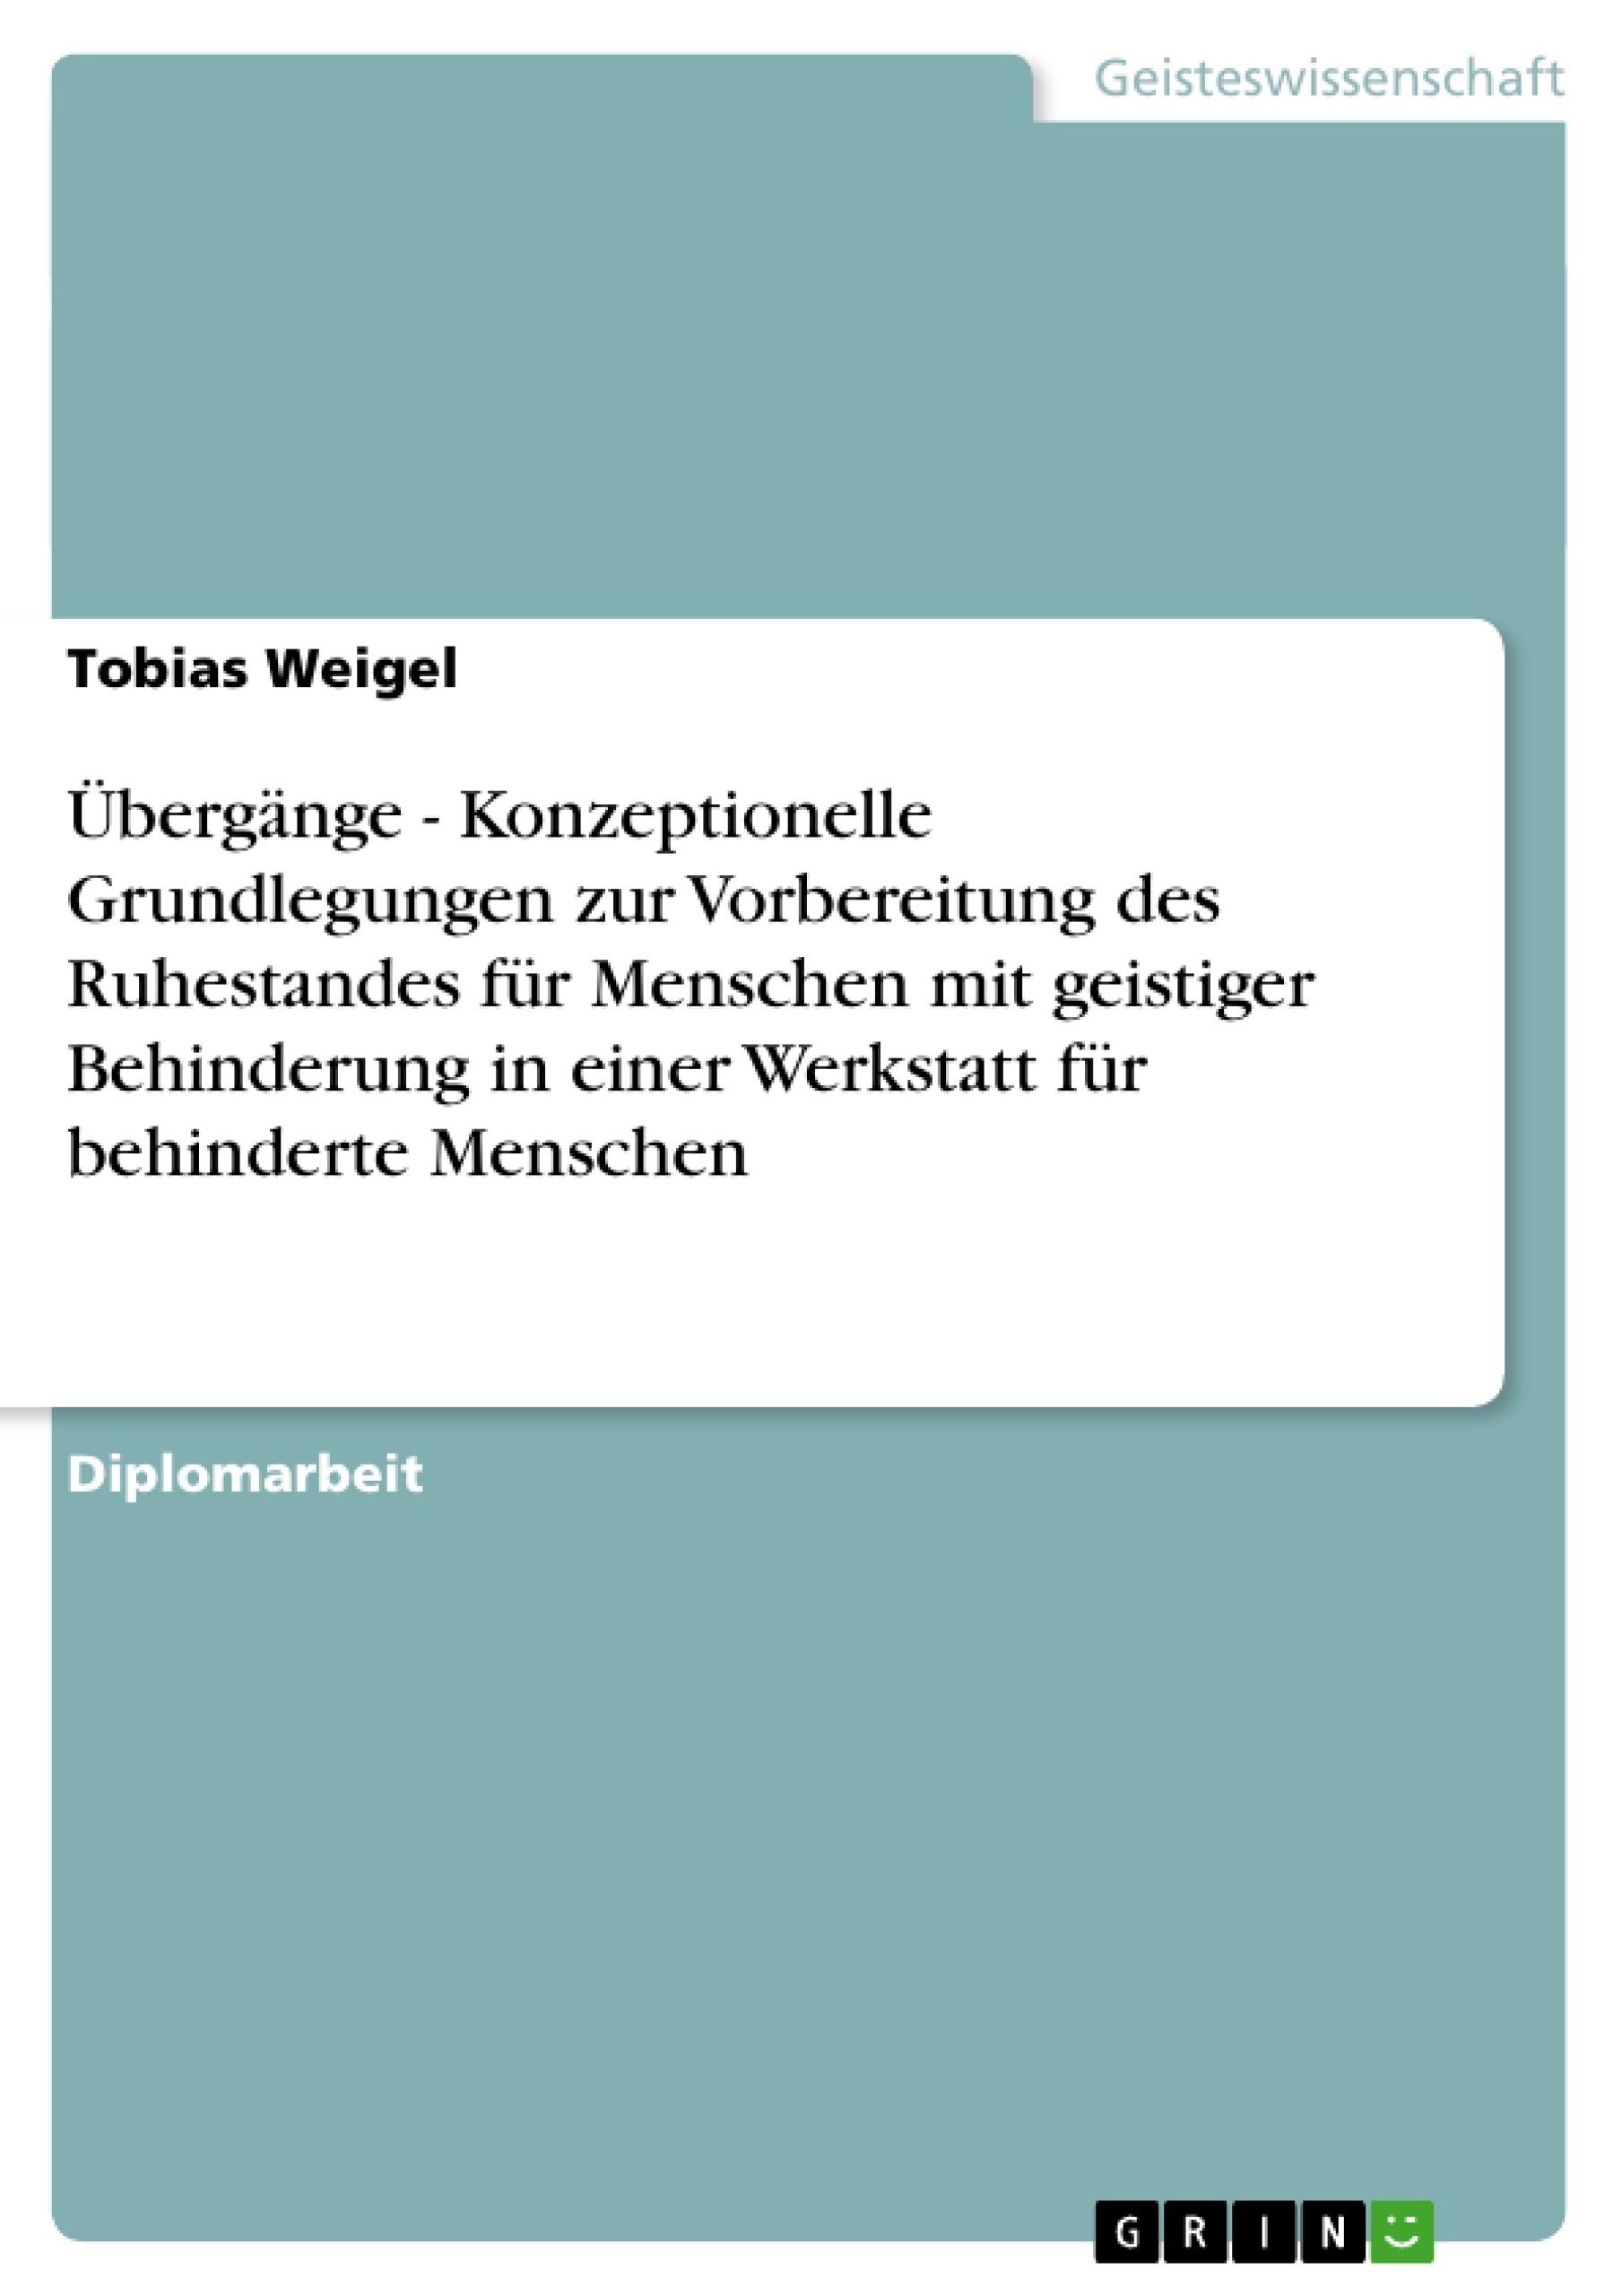 Titel: Übergänge - Konzeptionelle Grundlegungen zur Vorbereitung des Ruhestandes für Menschen mit geistiger Behinderung in einer Werkstatt für behinderte Menschen